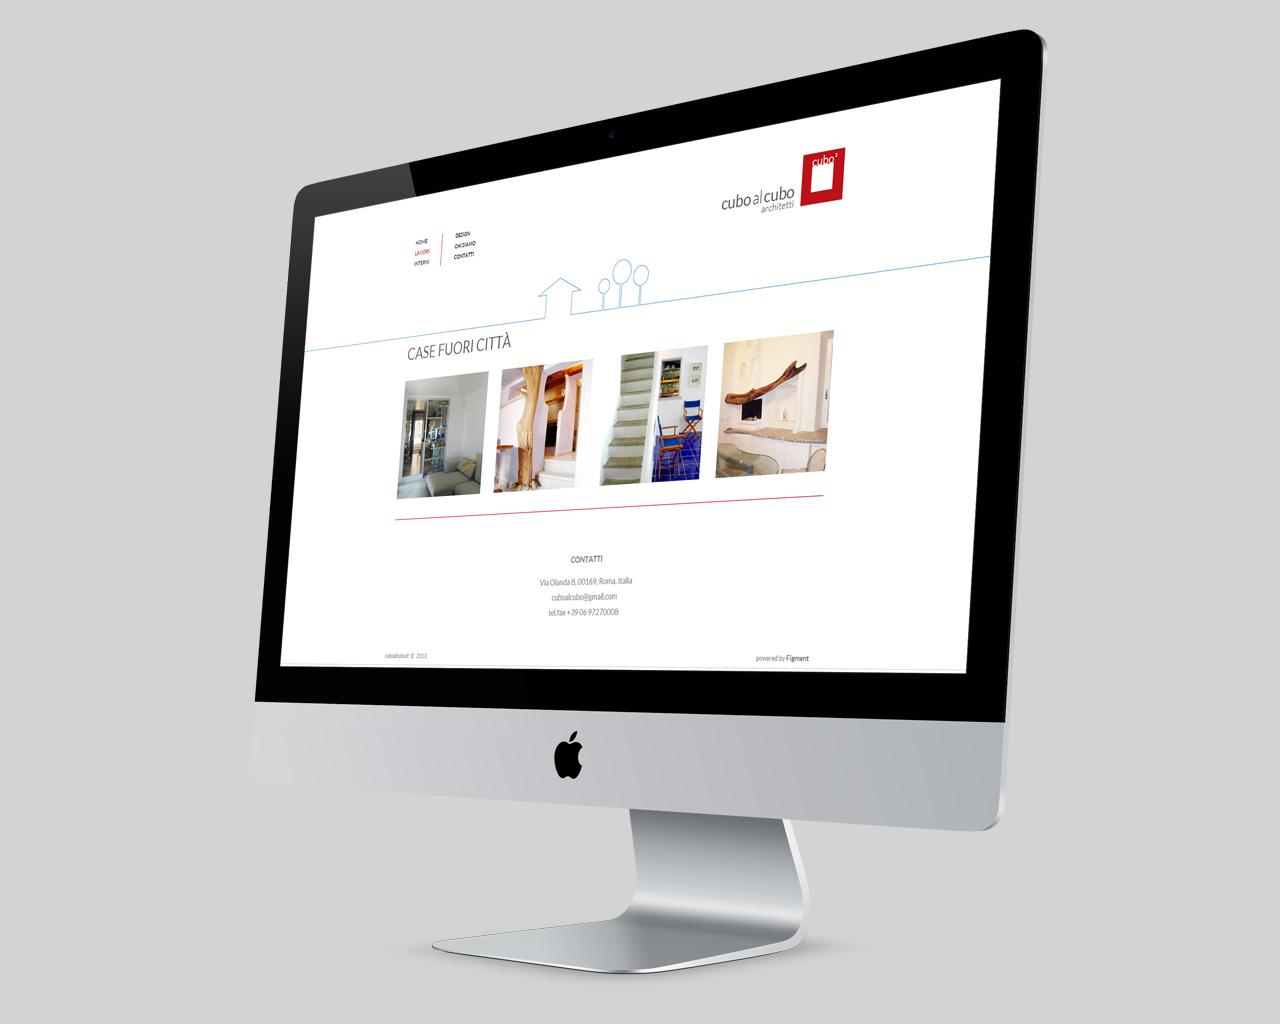 cuboalcubo sito web